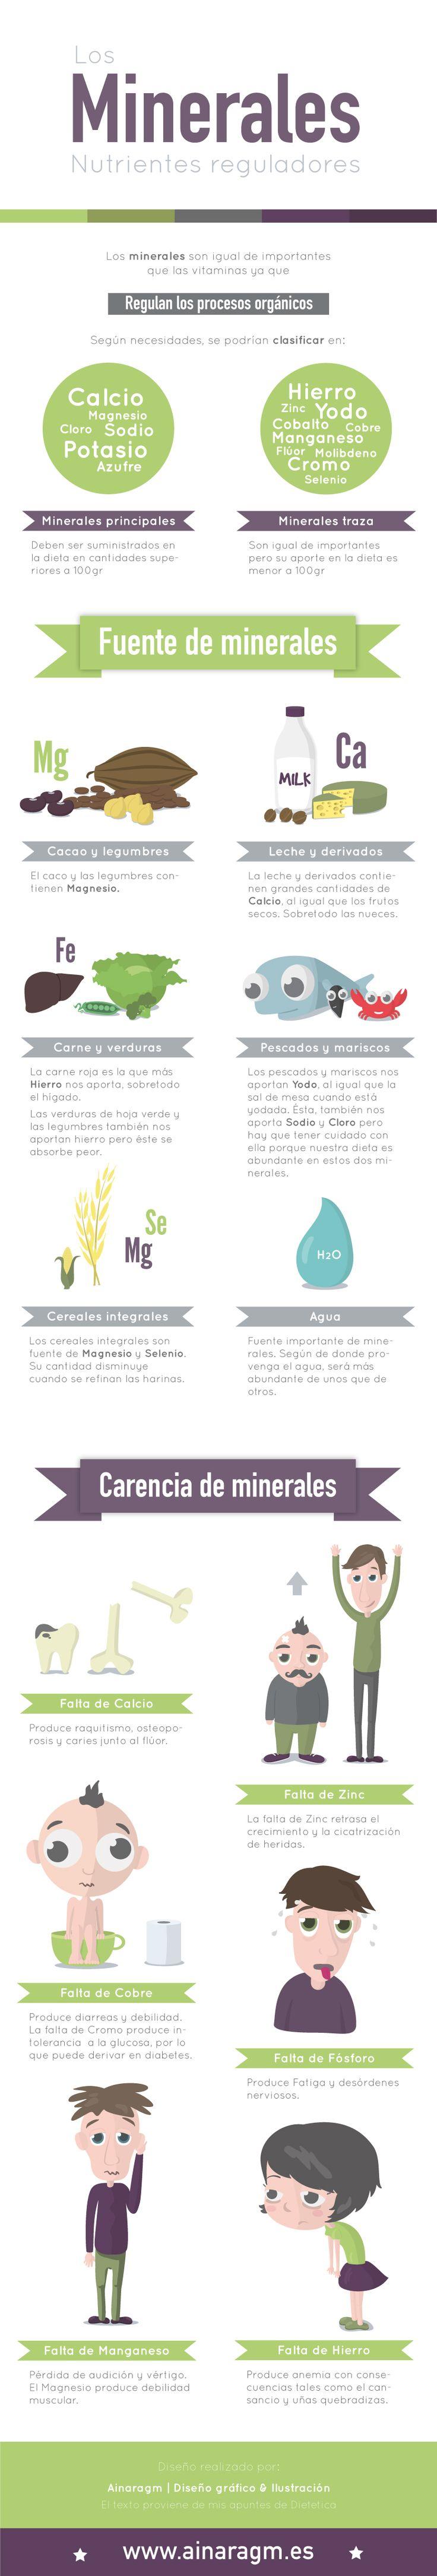 Infografía sobre los minerales